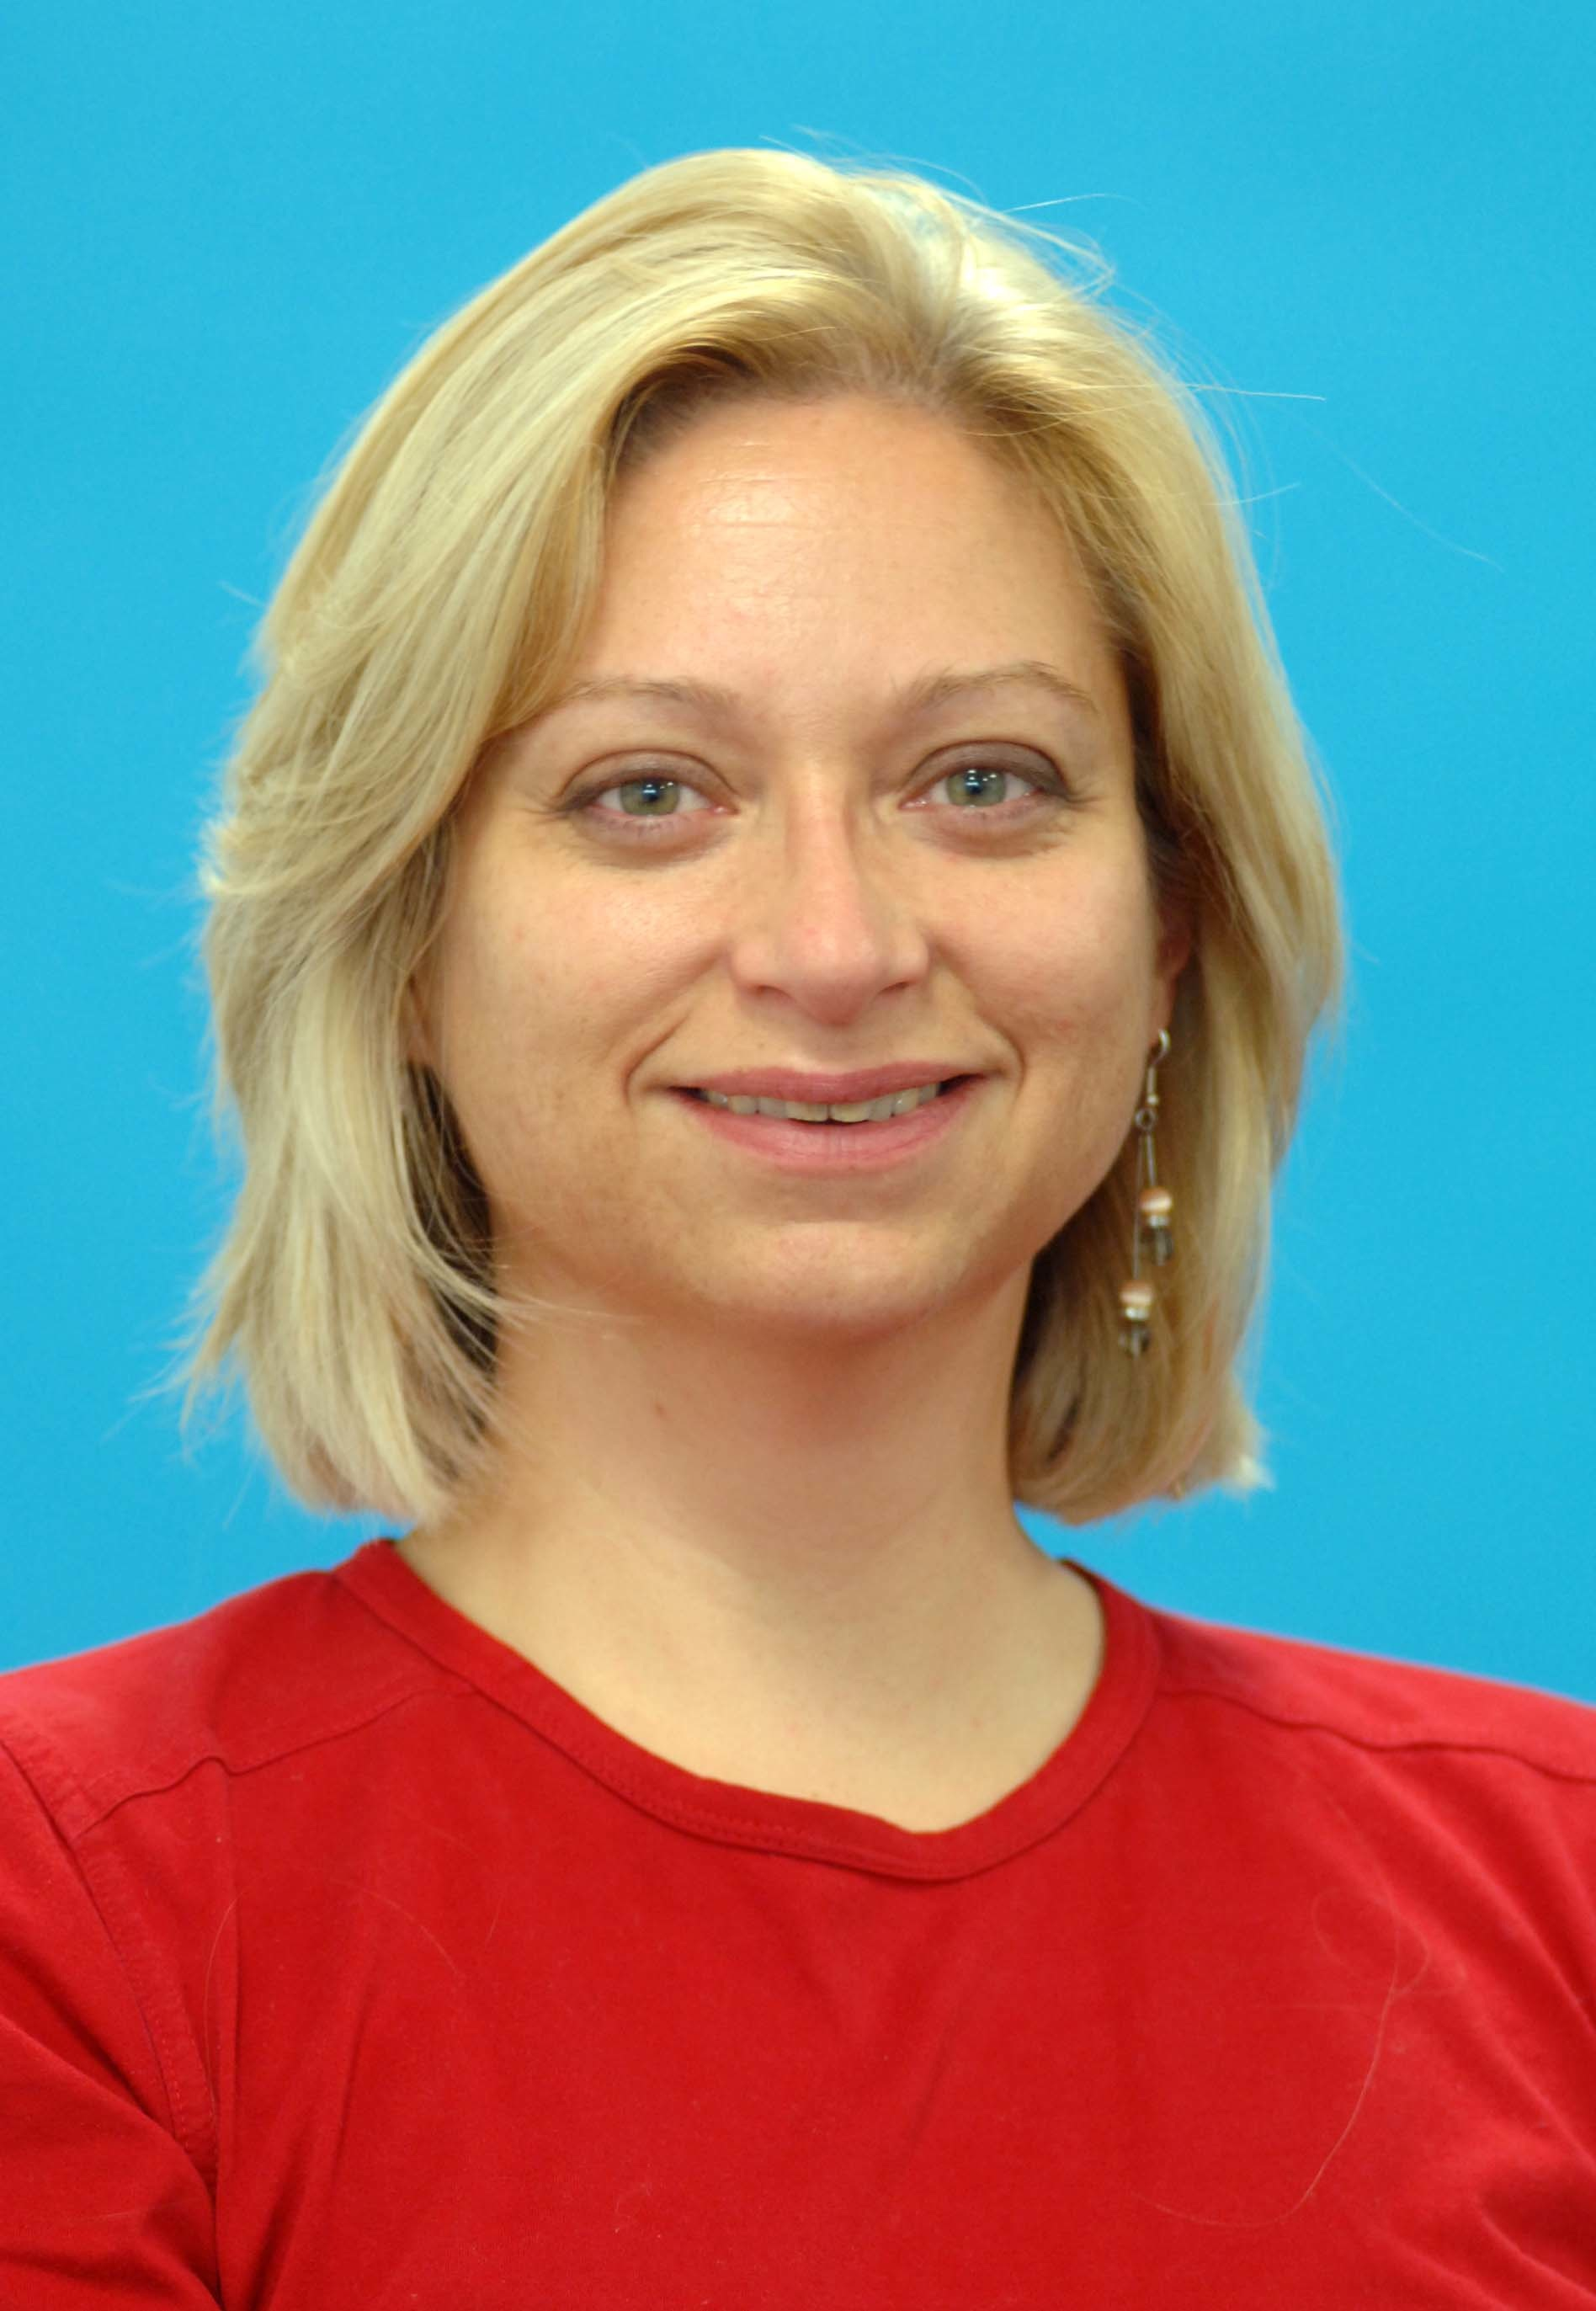 Michelle kath